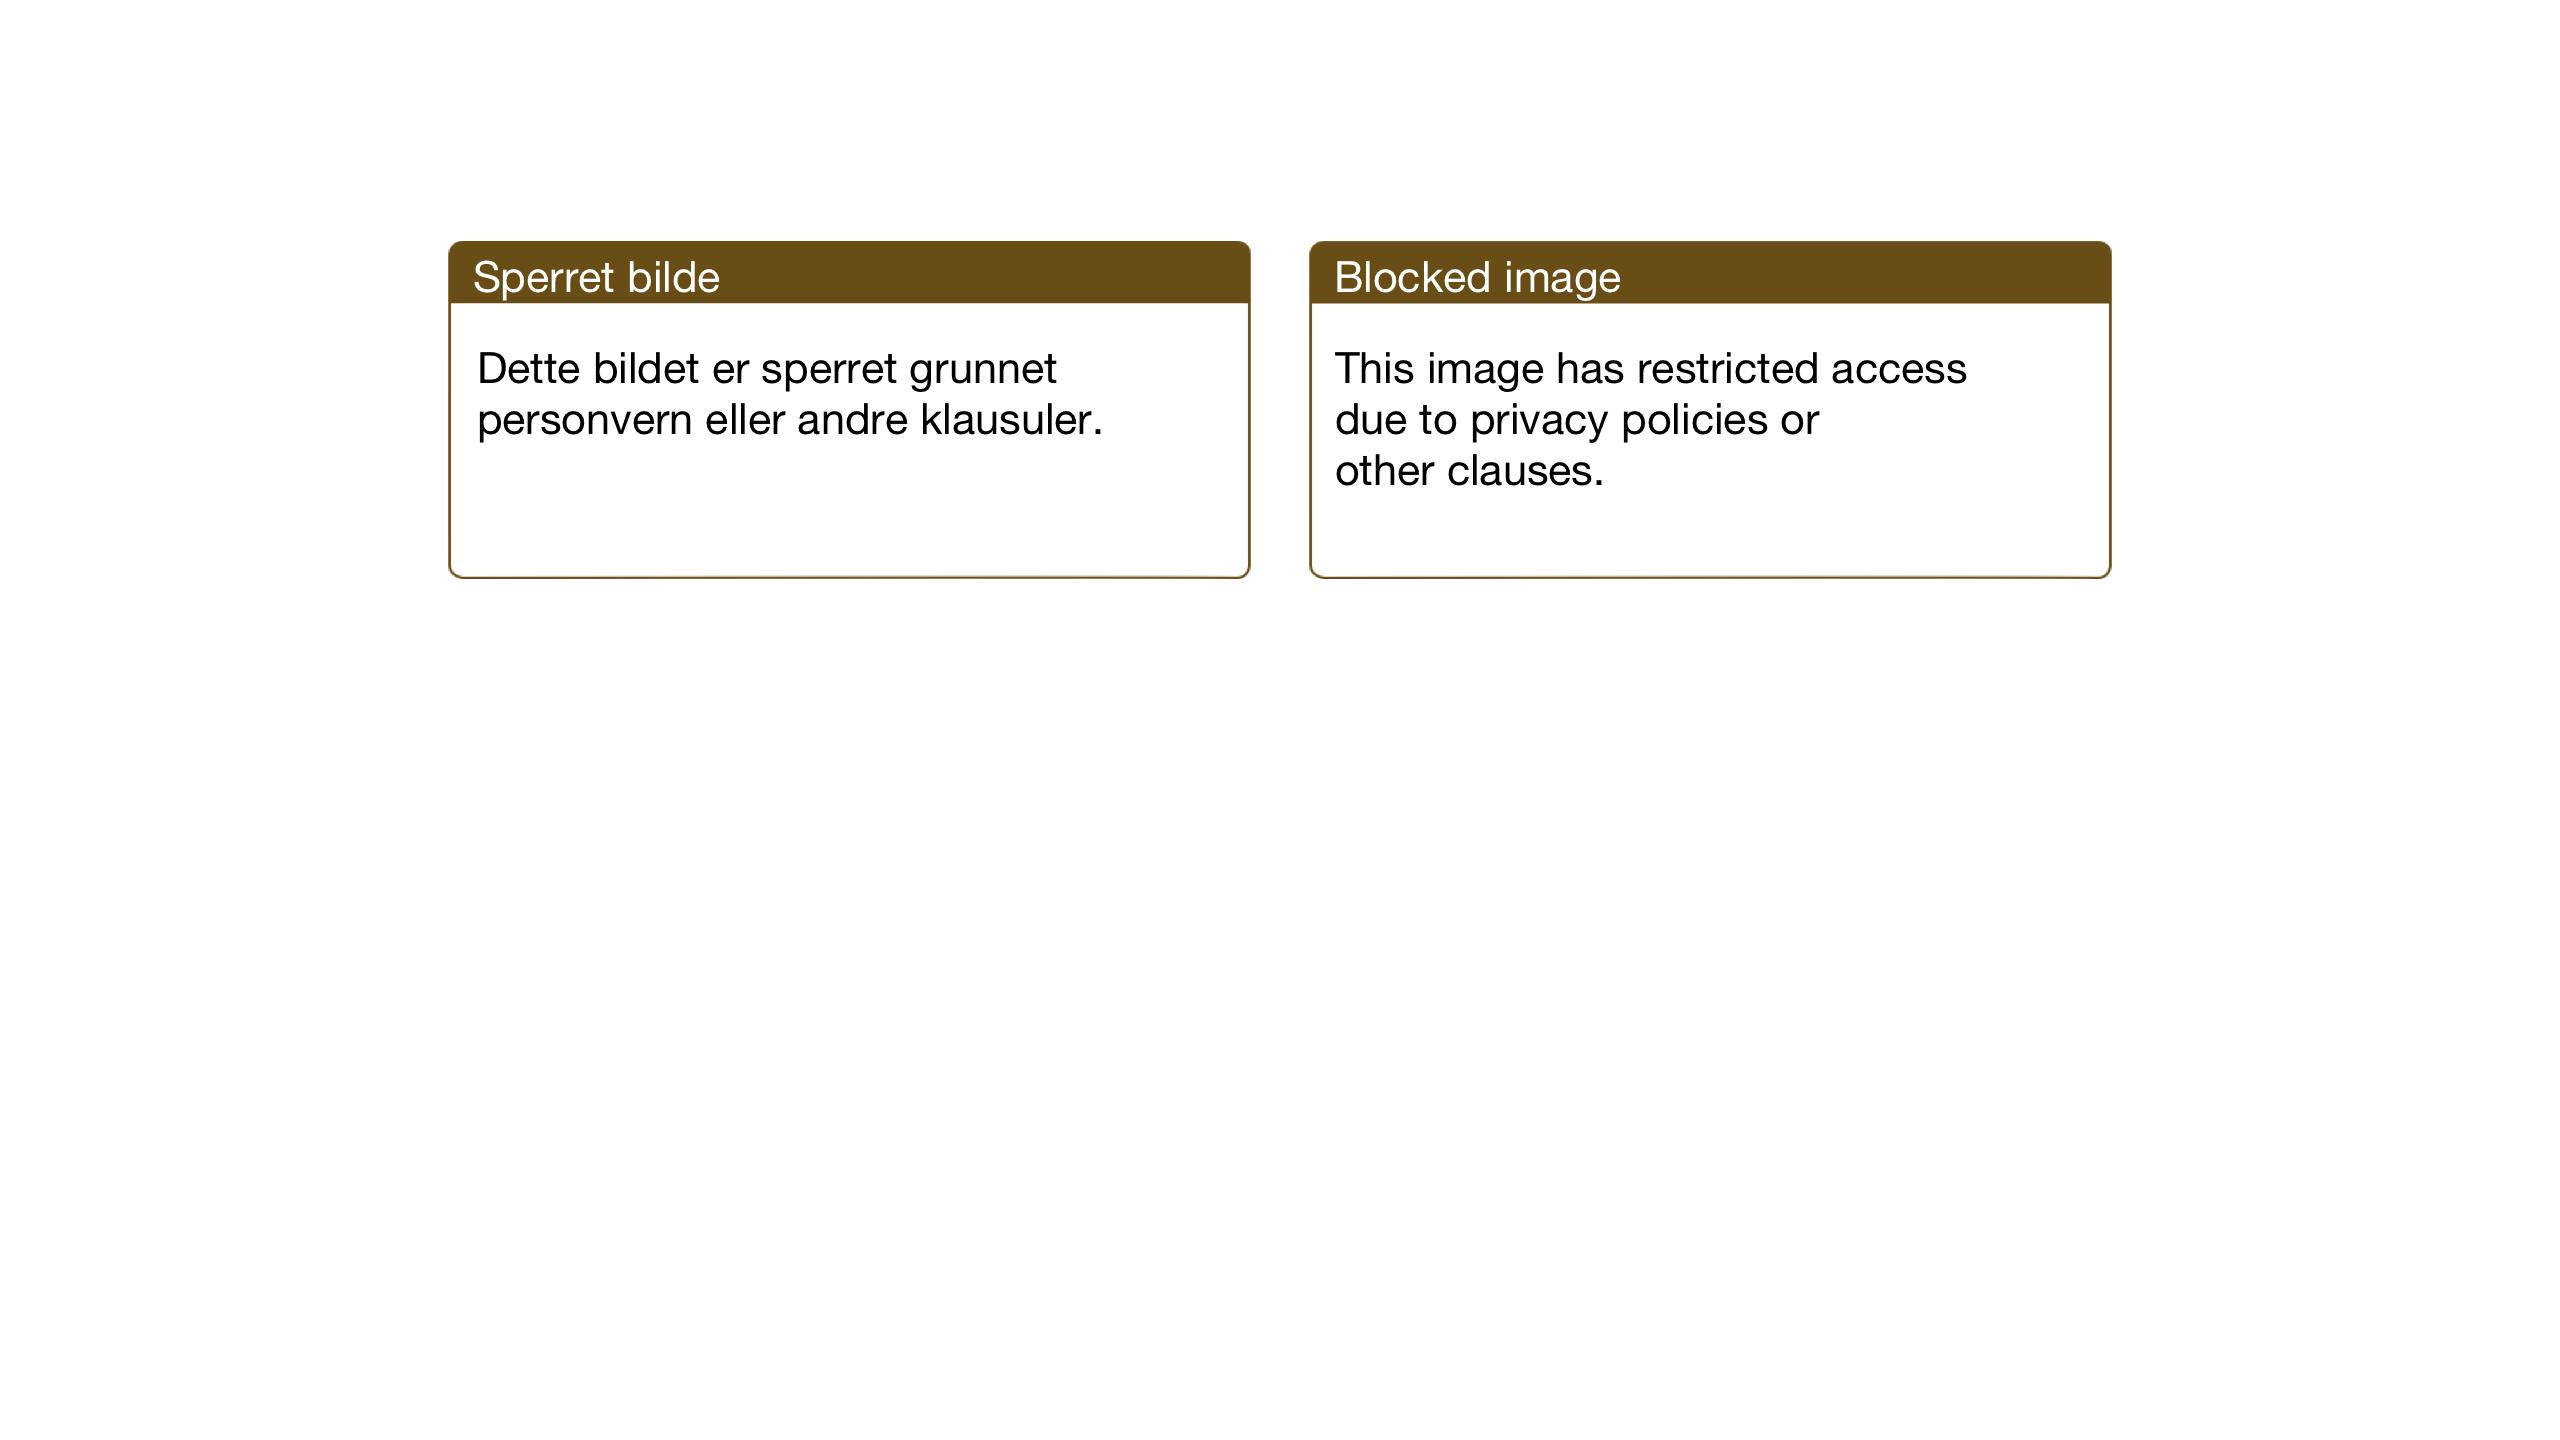 SAT, Ministerialprotokoller, klokkerbøker og fødselsregistre - Sør-Trøndelag, 637/L0564: Klokkerbok nr. 637C05, 1928-1968, s. 78